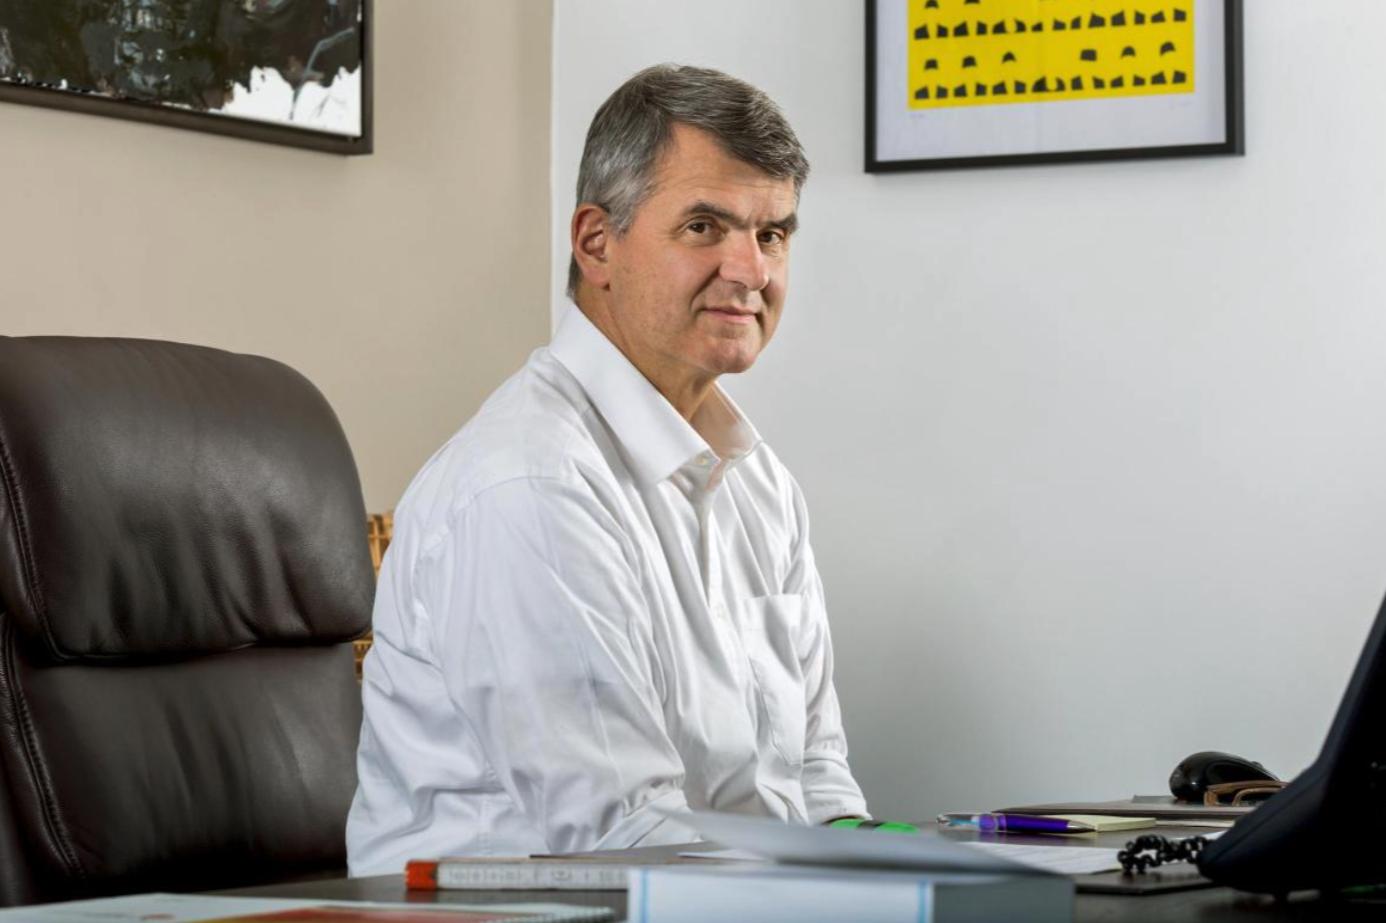 Michael Horsch: Brasilianische Ackerbauern in der angewandten Mikrobiologie am weitesten voraus